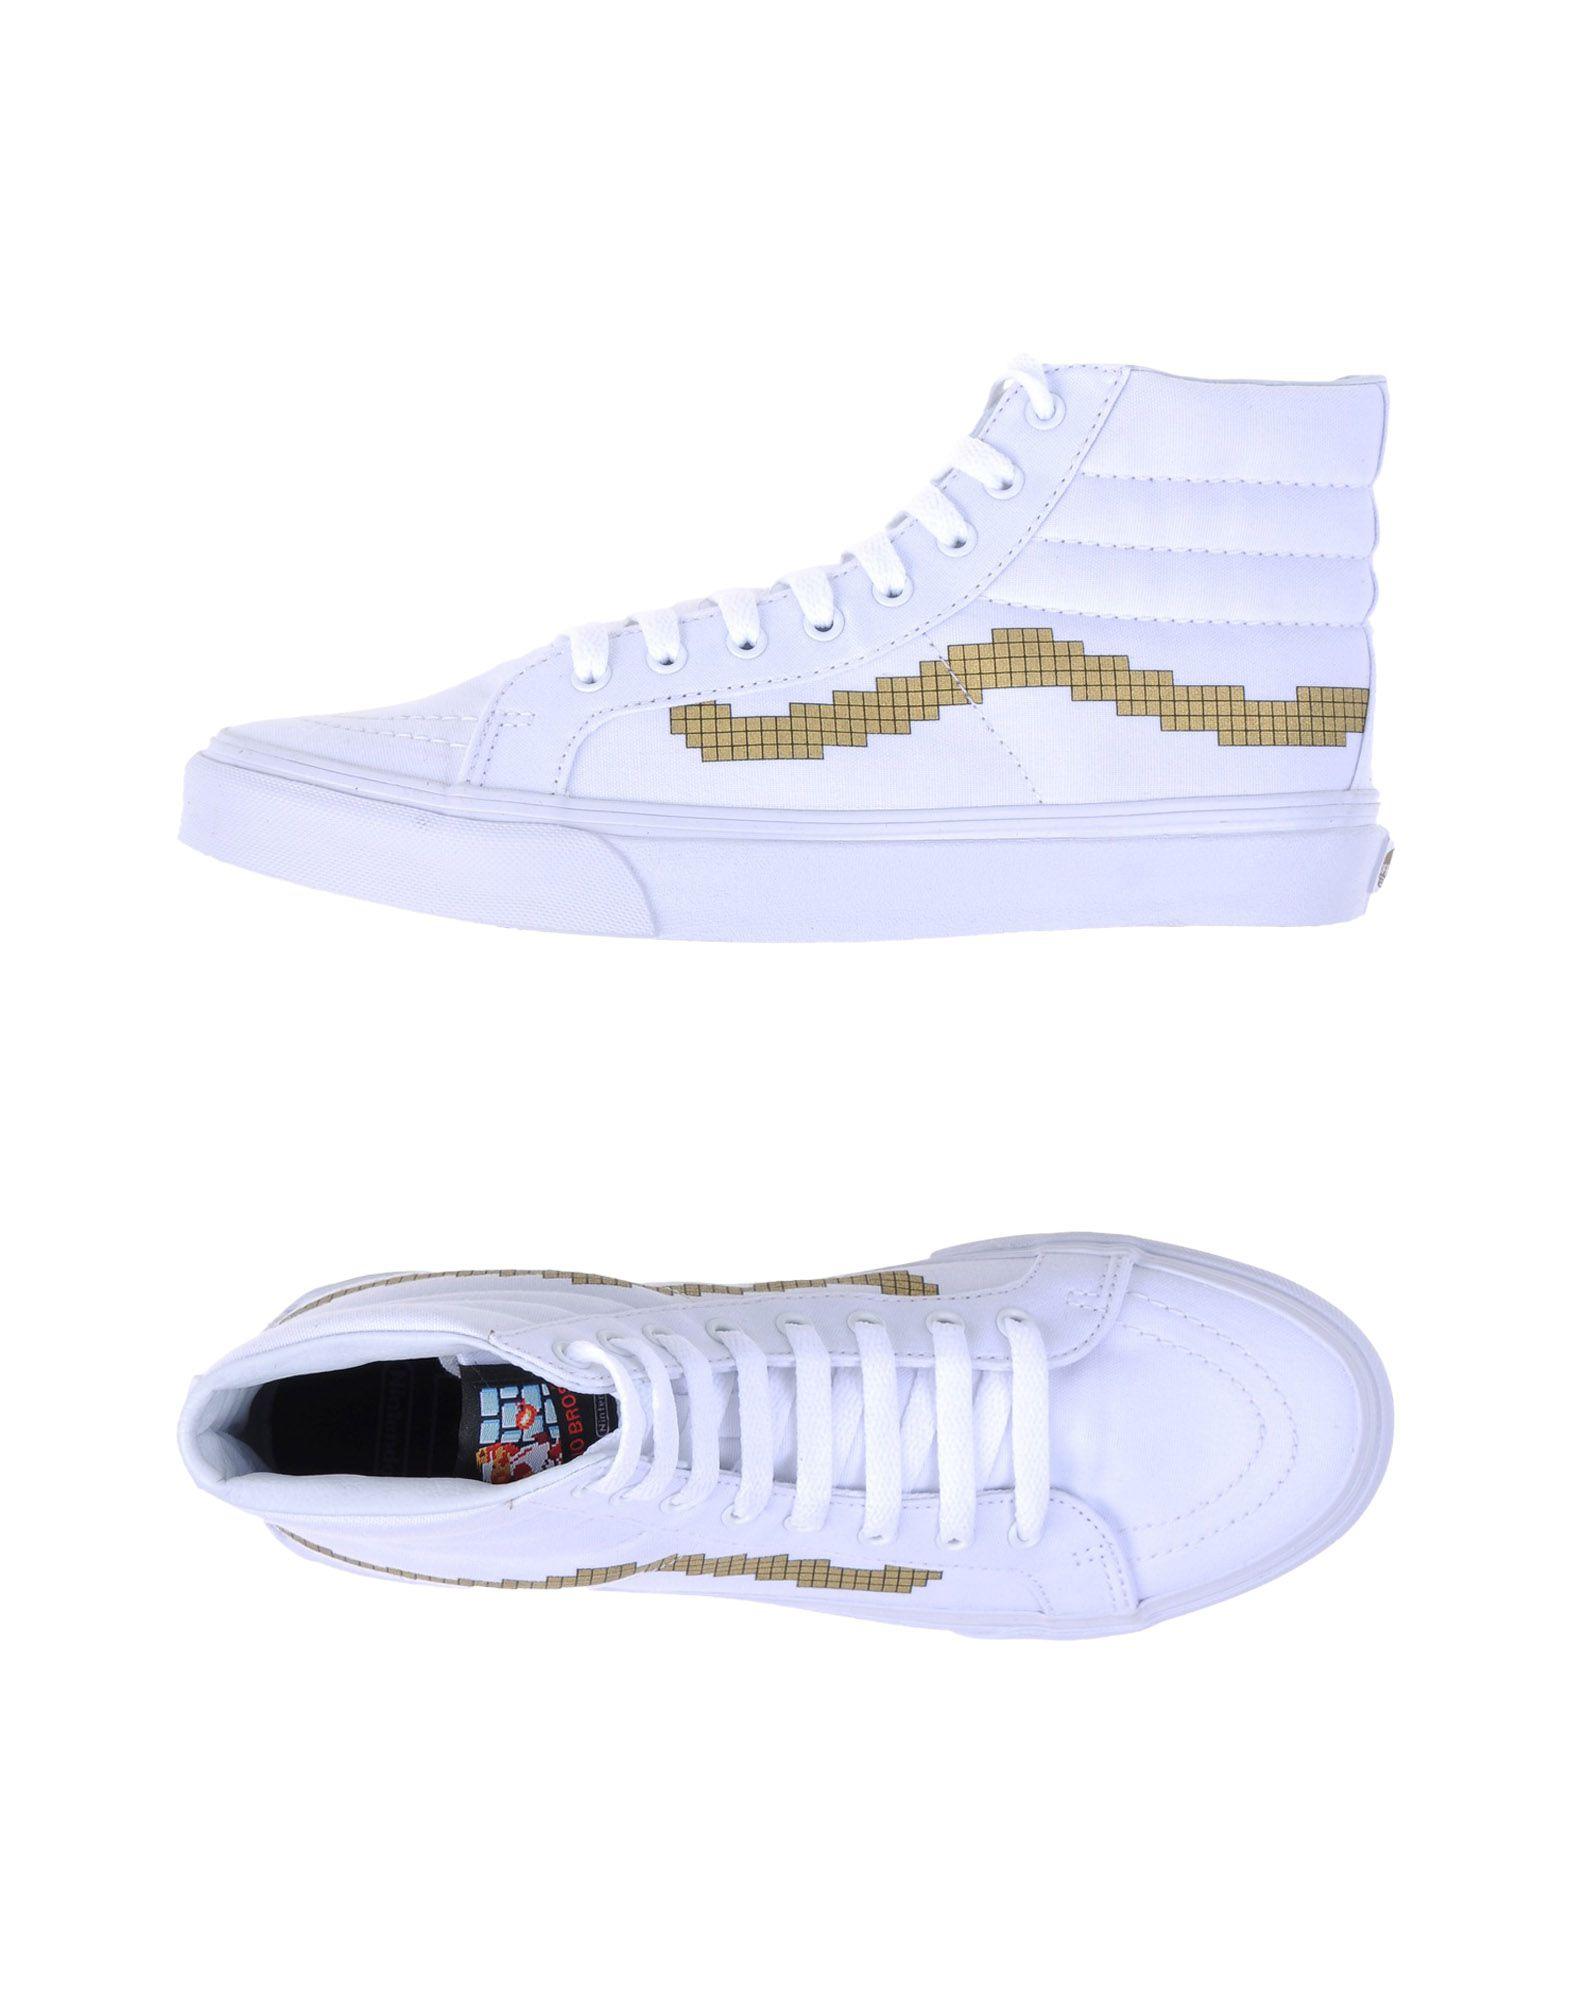 Vans U Sk8-Hi Slim Nintendo Console - - - Sneakers - Women Vans Sneakers online on  United Kingdom - 11066770JV 48fcdc